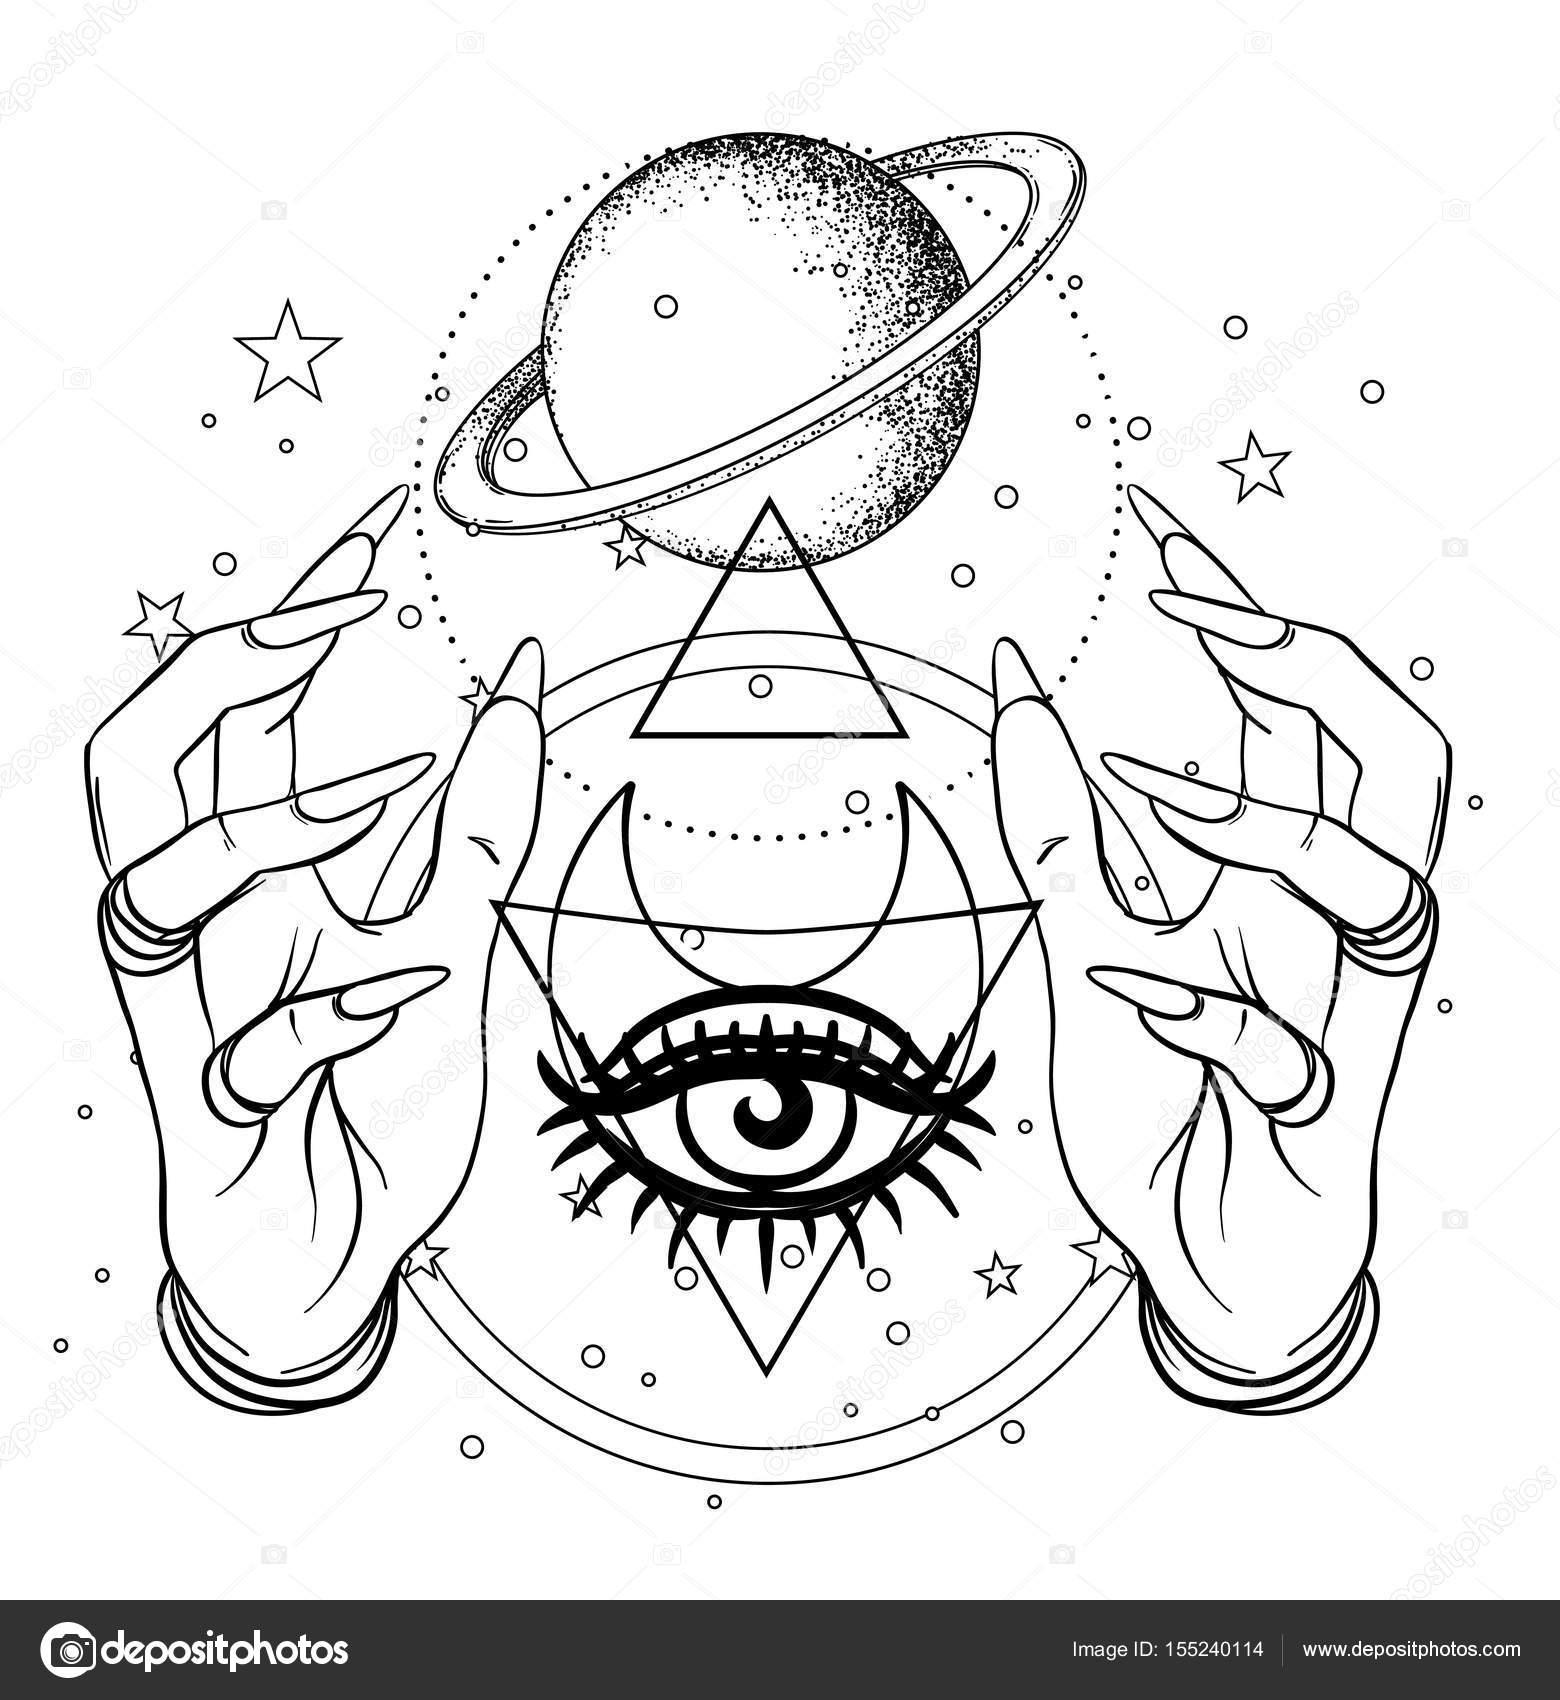 Human hand with space and sacred geometry symbols dotwork tatto human hand with space and sacred geometry symbols dotwork tattoo flash design vector illustration isolated on white eye of providence masonic symbol buycottarizona Images